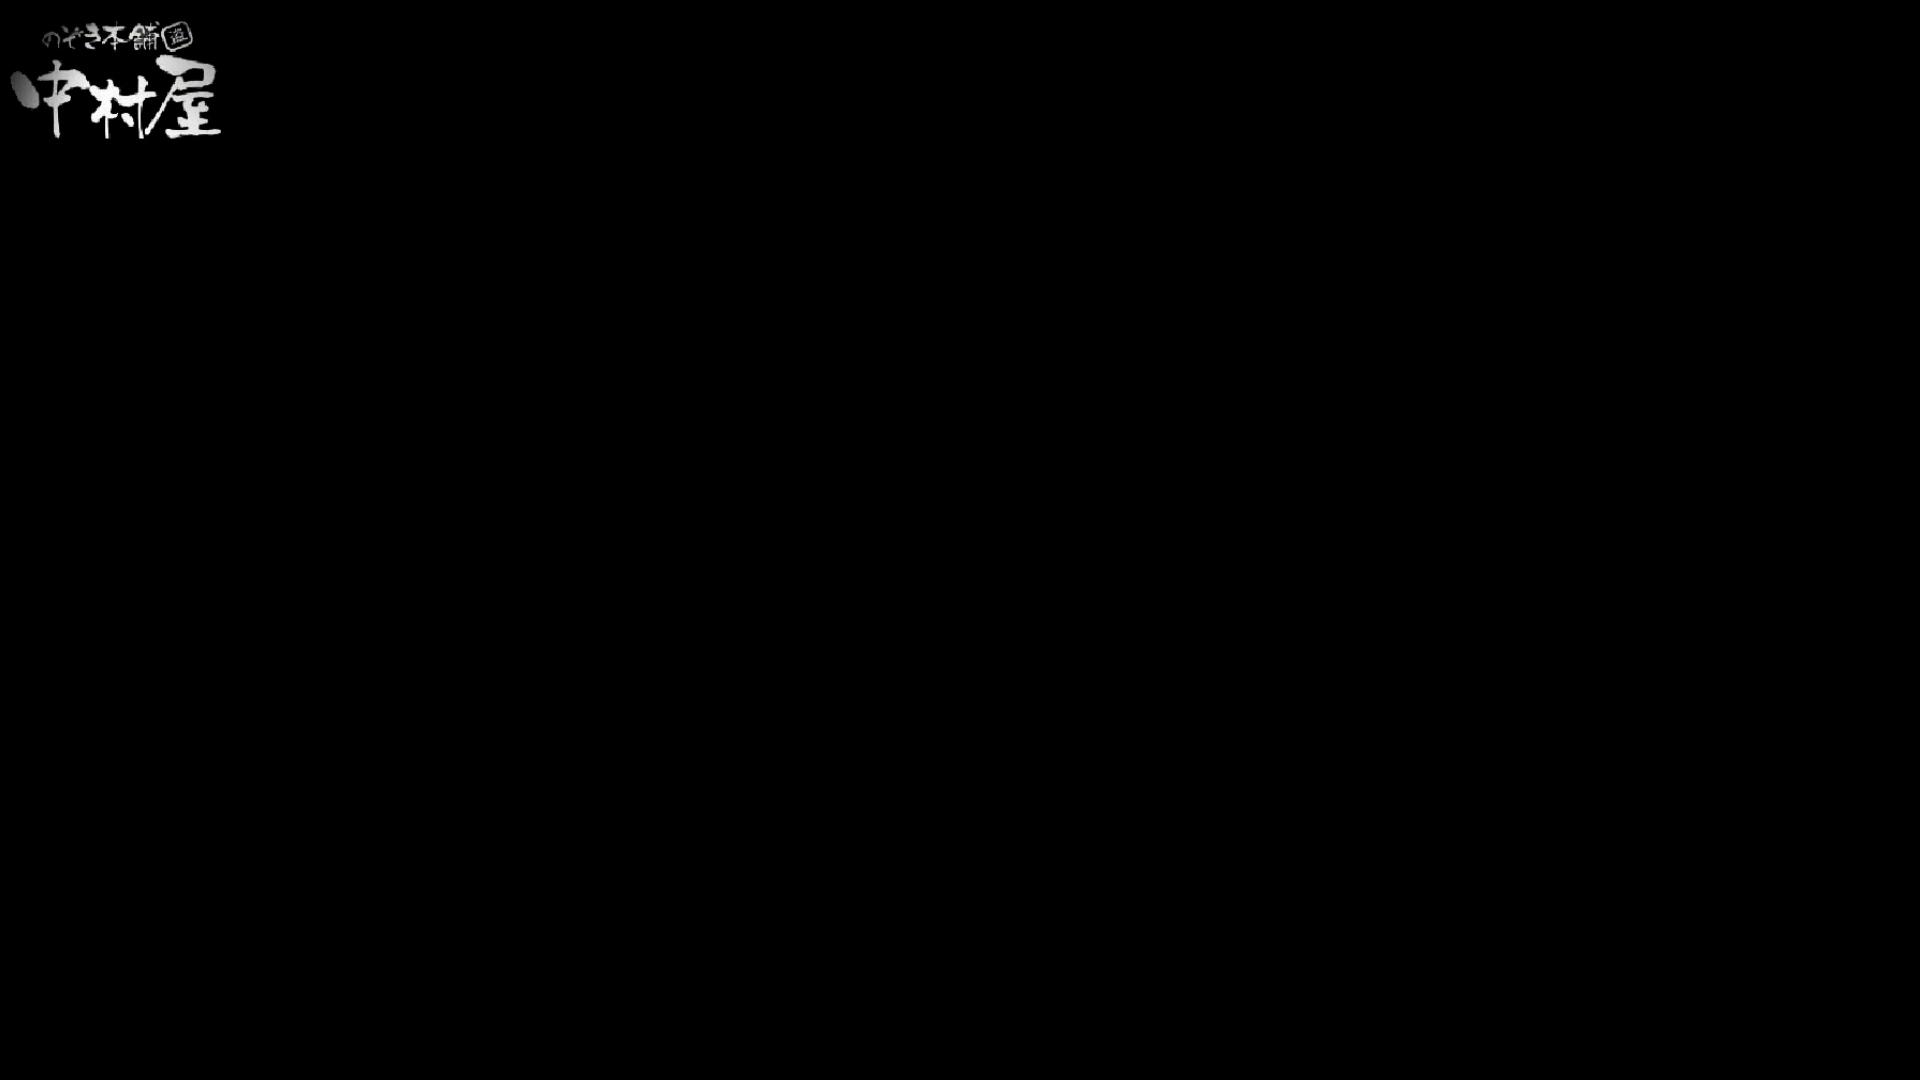 雅さんが厳選新年特別コンテンツ!激走!東京マラソン選手専用女子トイレvol.9 和式トイレ オメコ動画キャプチャ 101pic 10